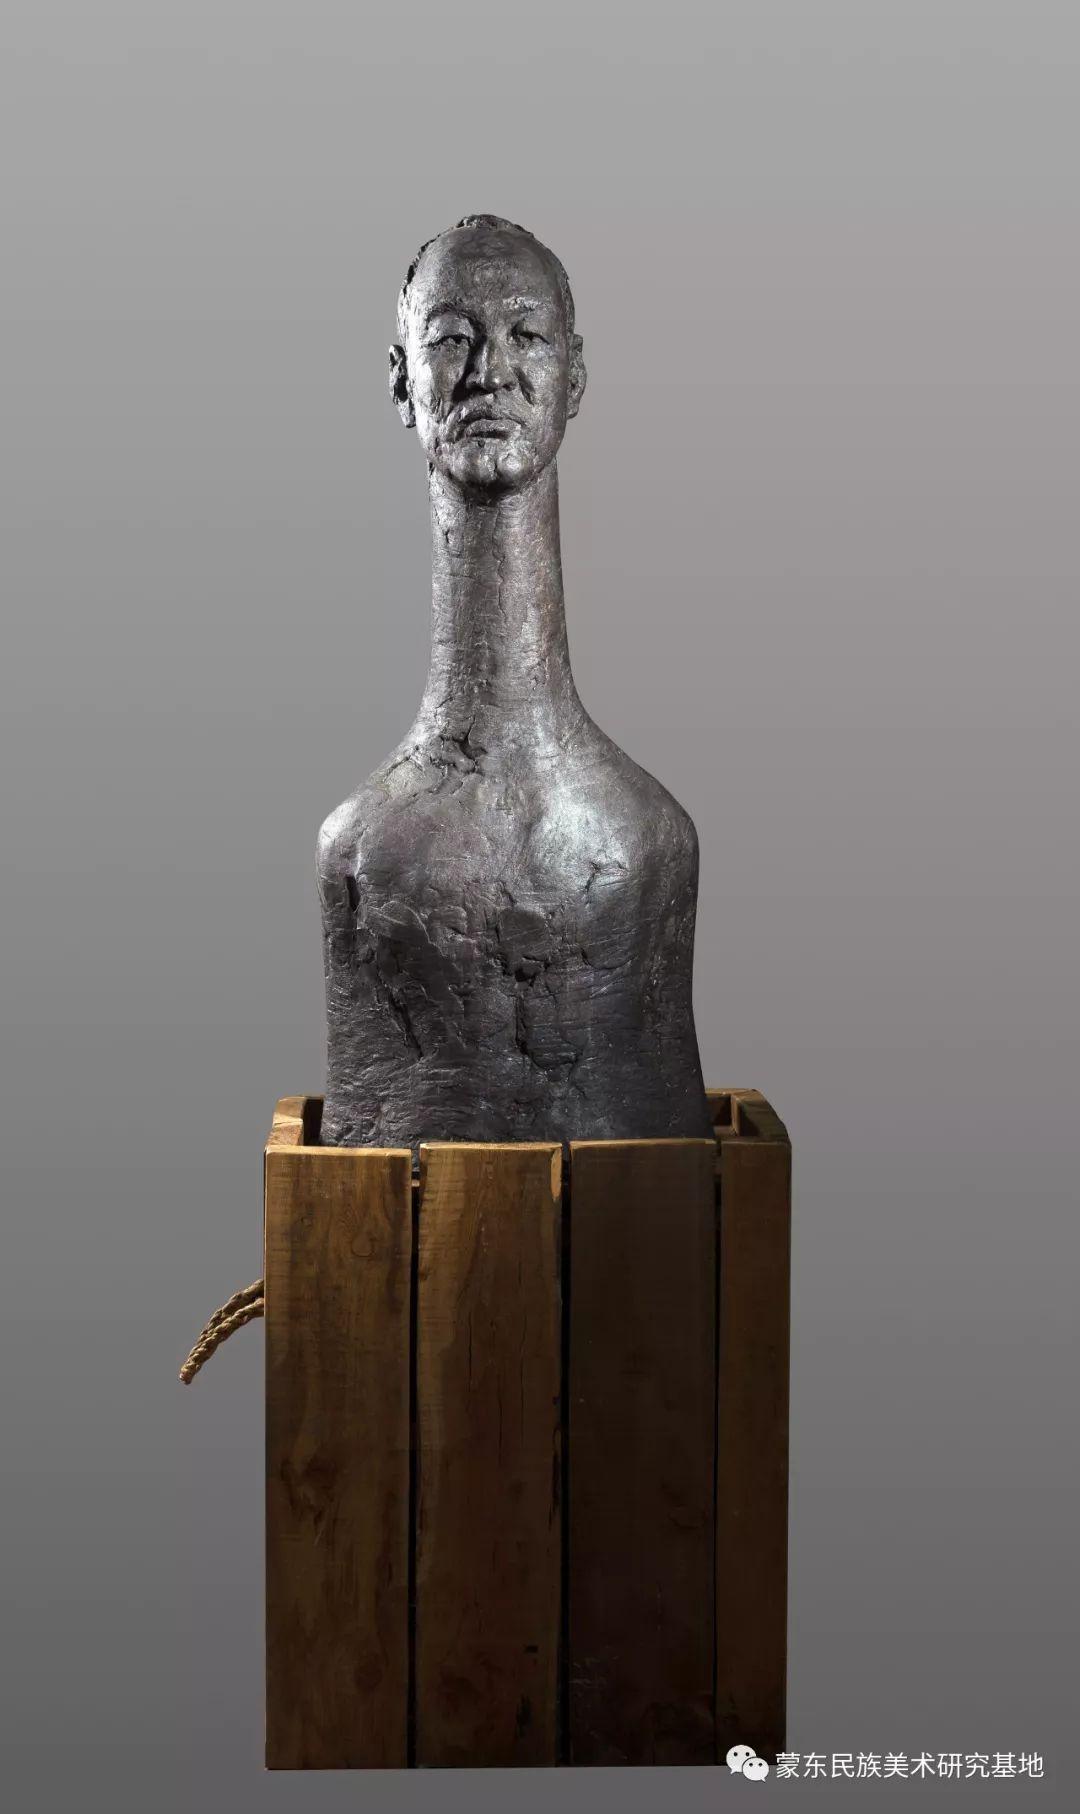 包格日乐吐作品——头像雕塑系列(一) 第8张 包格日乐吐作品——头像雕塑系列(一) 蒙古画廊